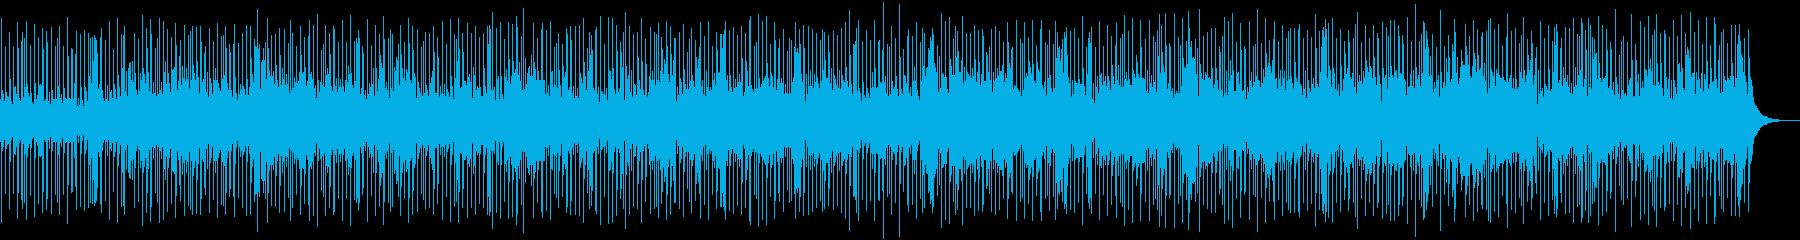 暑い夏に似合うエネルギッシュなロックの再生済みの波形